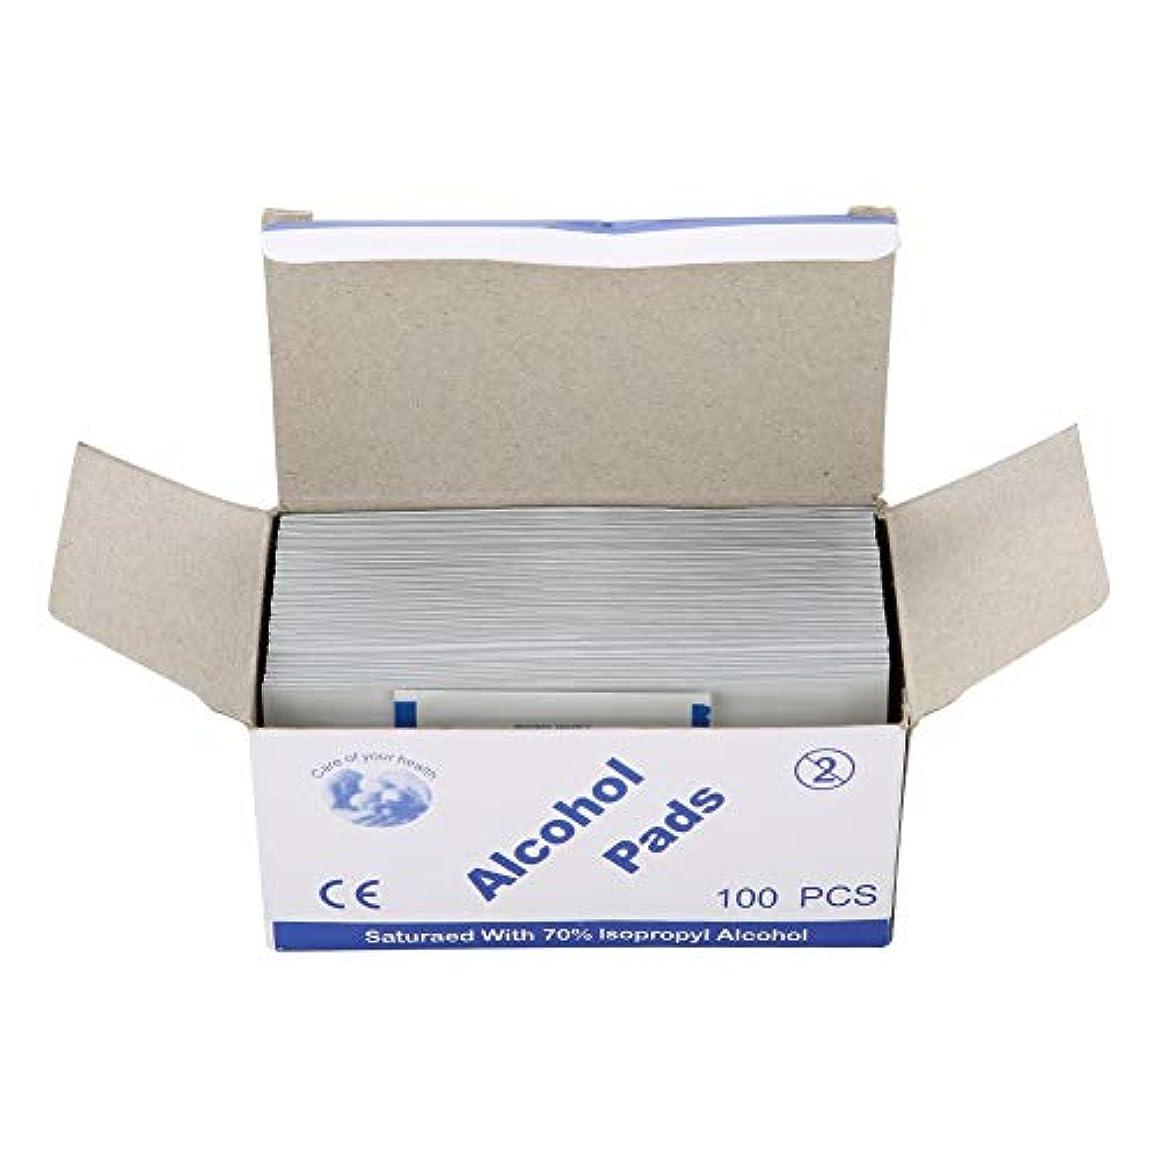 ブロック芽トピック100個/箱使い捨てアルコール綿パッド (UnitCount : 2 box)